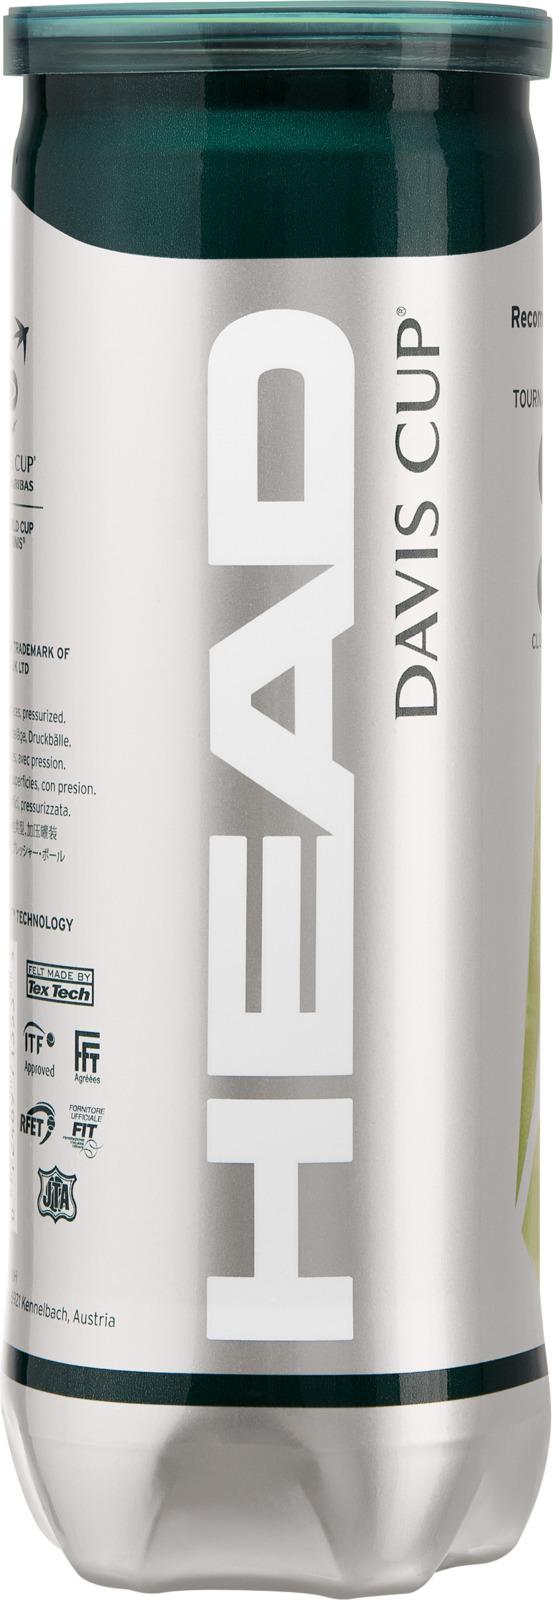 Мяч теннисный Head Davis Cup, 3 шт571353Премиальный мяч для проведения профессиональных турниров. HEAD DAVIS CUP обладает отличными игровыми характеристиками, а технология Encore обеспечивает высокий уровень износостойкости. Мяч подойдёт для любых типов покрытий.